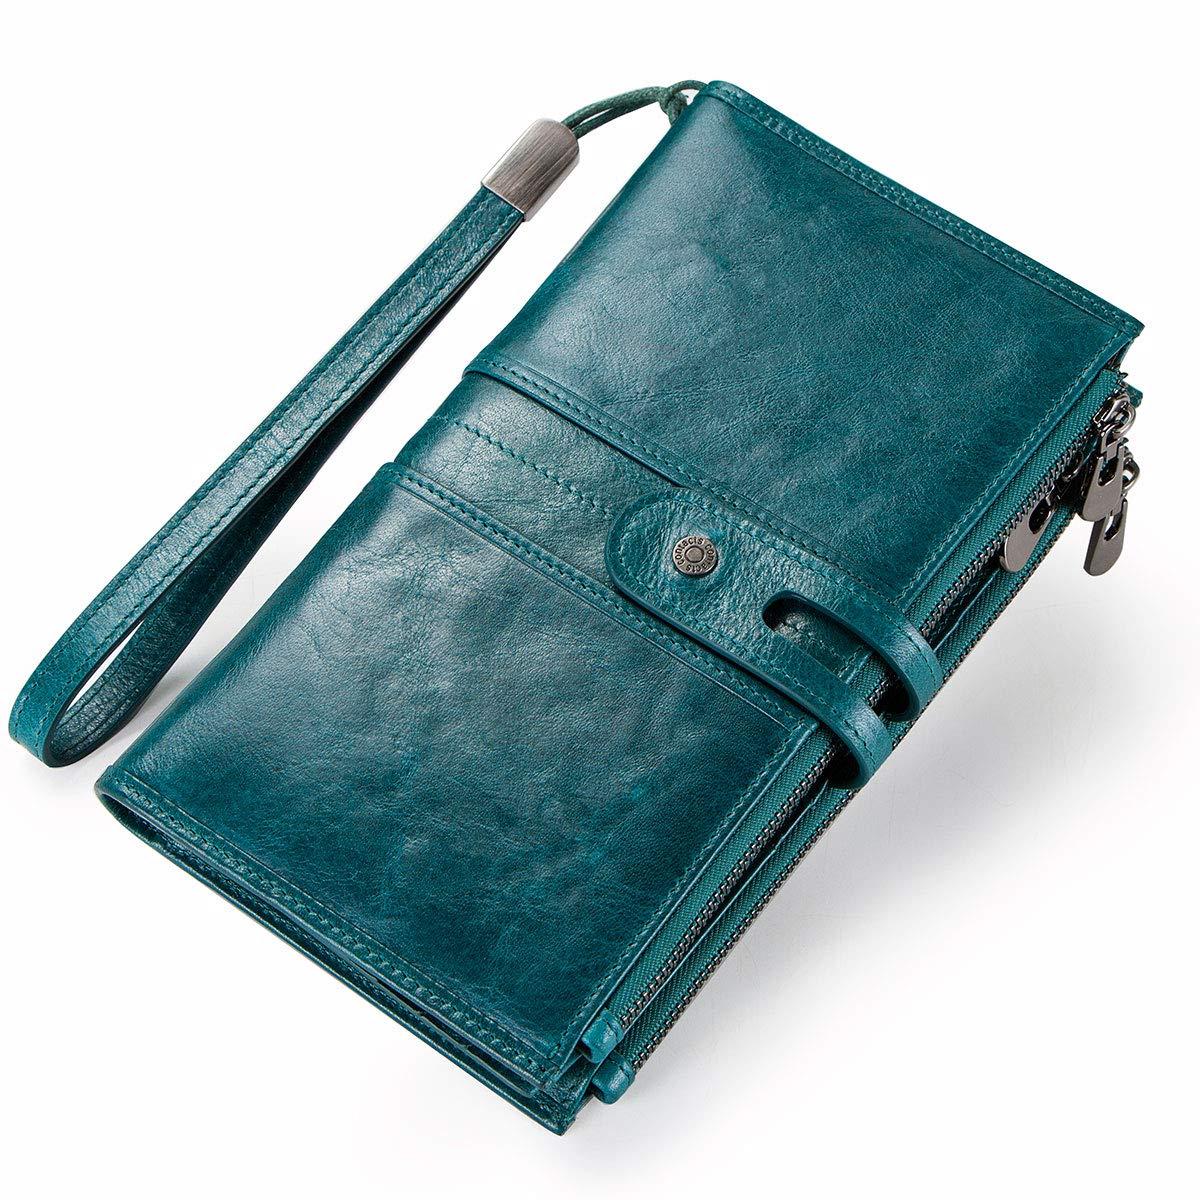 Contacts V/éritable Cuir 3 Zipper T/él/éphone Coin Pochettes Portefeuille Clutch Purse Paon Bleu